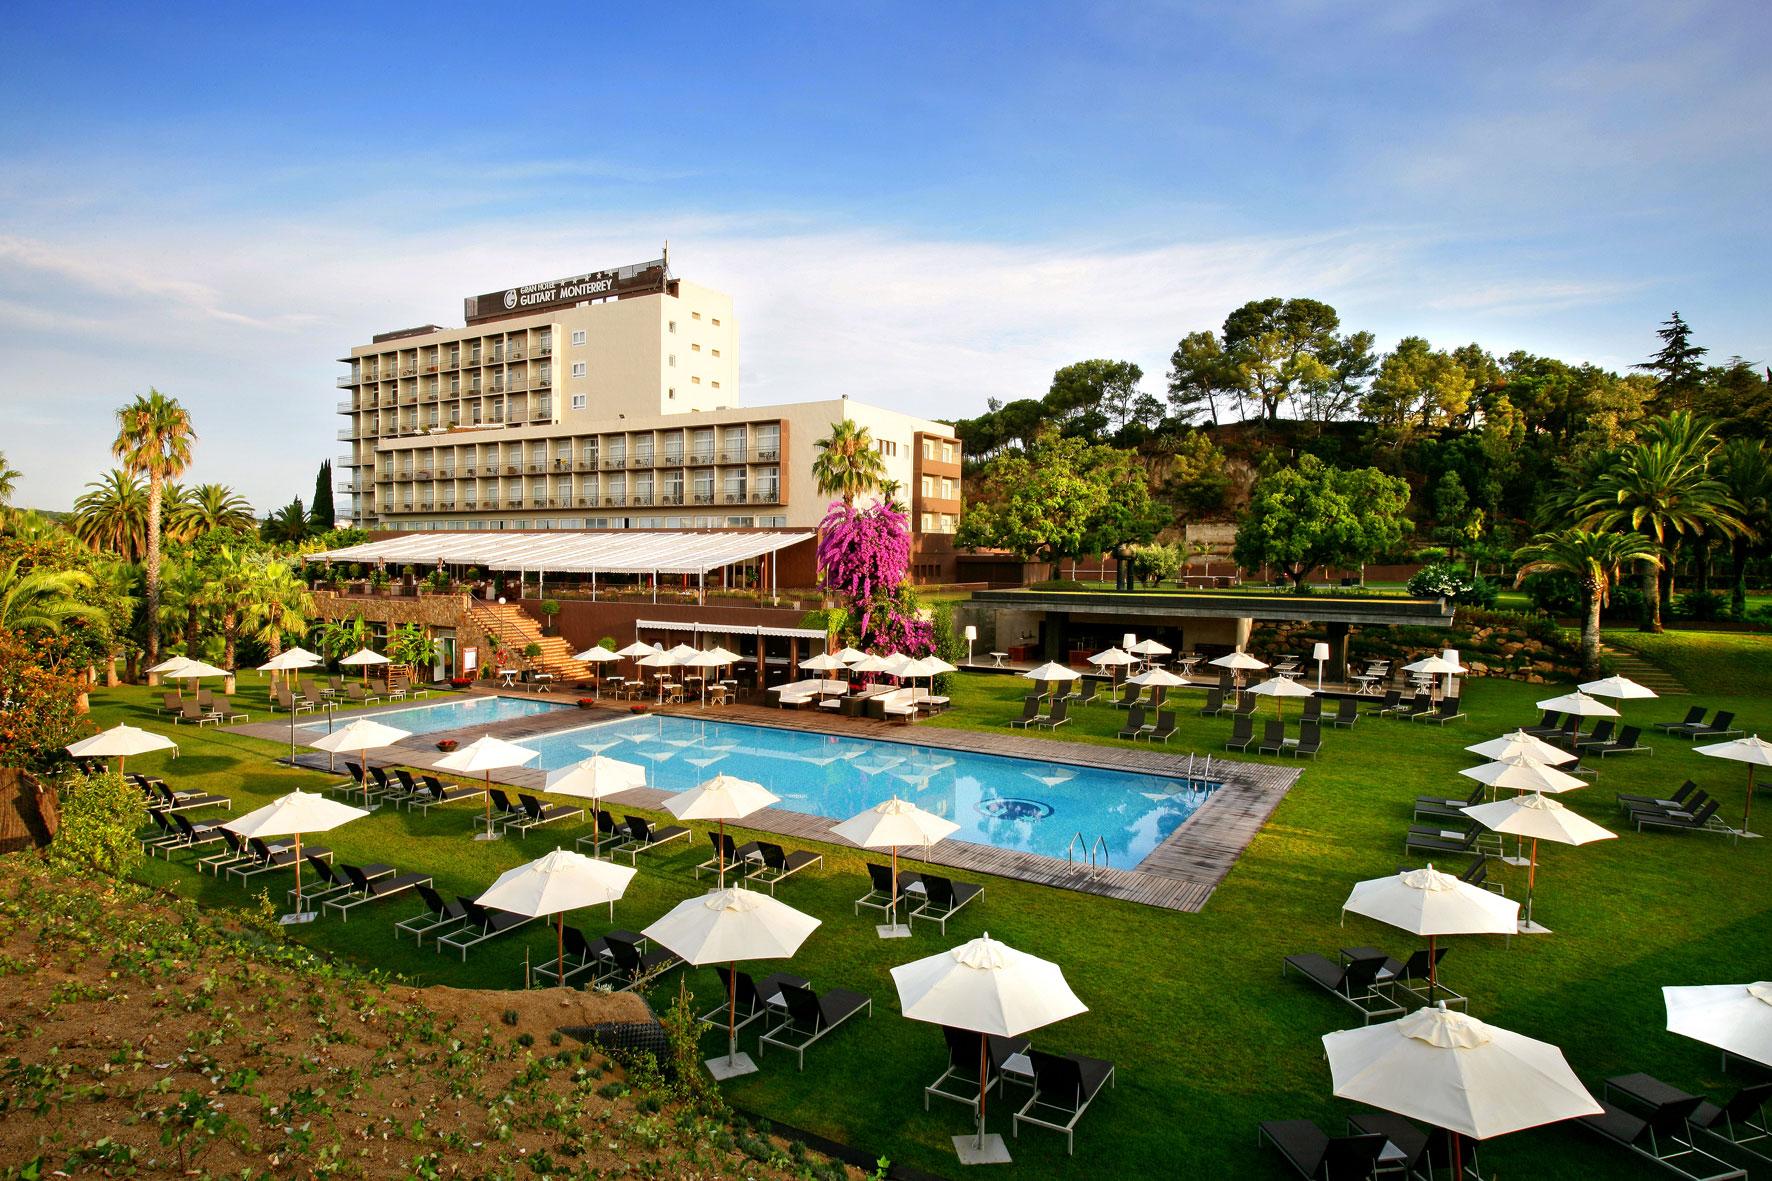 Hoteles dise o en lloret de mar espa a viajes el corte for Hoteles diseno espana